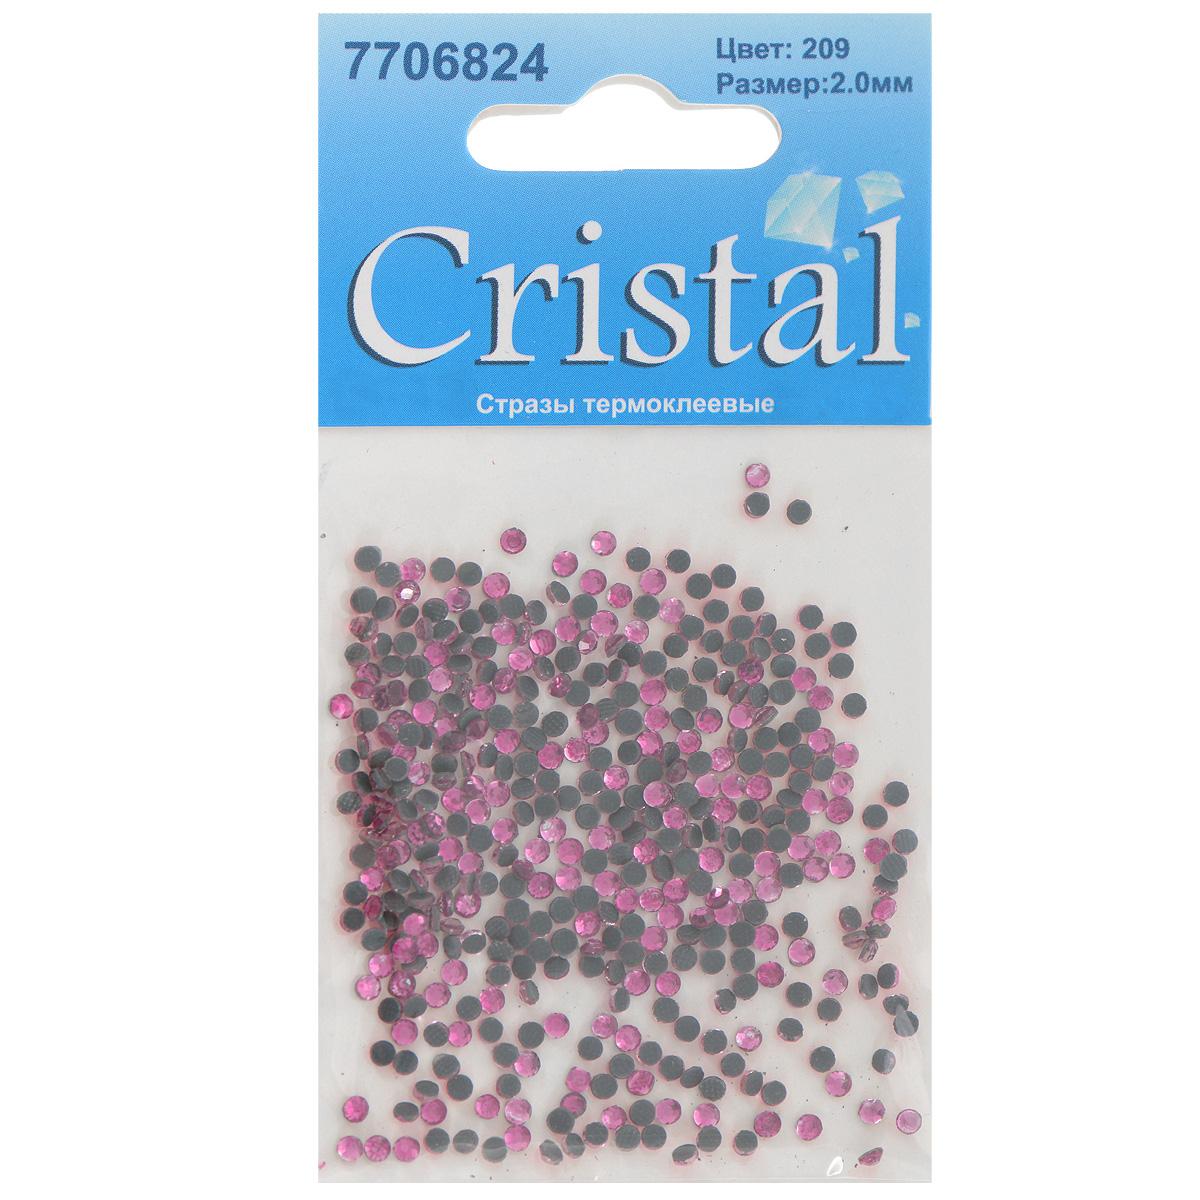 Стразы термоклеевые Cristal, цвет: розовый (209), диаметр 2 мм, 432 шт531-105Набор термоклеевых страз Cristal, изготовленный из высококачественного акрила, позволит вам украсить одежду, аксессуары или текстиль. Яркие стразы имеют плоское дно и круглую поверхность с гранями.Дно термоклеевых страз уже обработано особым клеем, который под воздействием высоких температур начинает плавиться, приклеиваясь, таким образом, к требуемой поверхности. Чаще всего их используют в текстильной промышленности: стразы прикладывают к ткани и проглаживают утюгом с обратной стороны. Также можно использовать специальный паяльник. Украшение стразами поможет сделать любую вещь оригинальной и неповторимой. Диаметр страз: 2 мм.